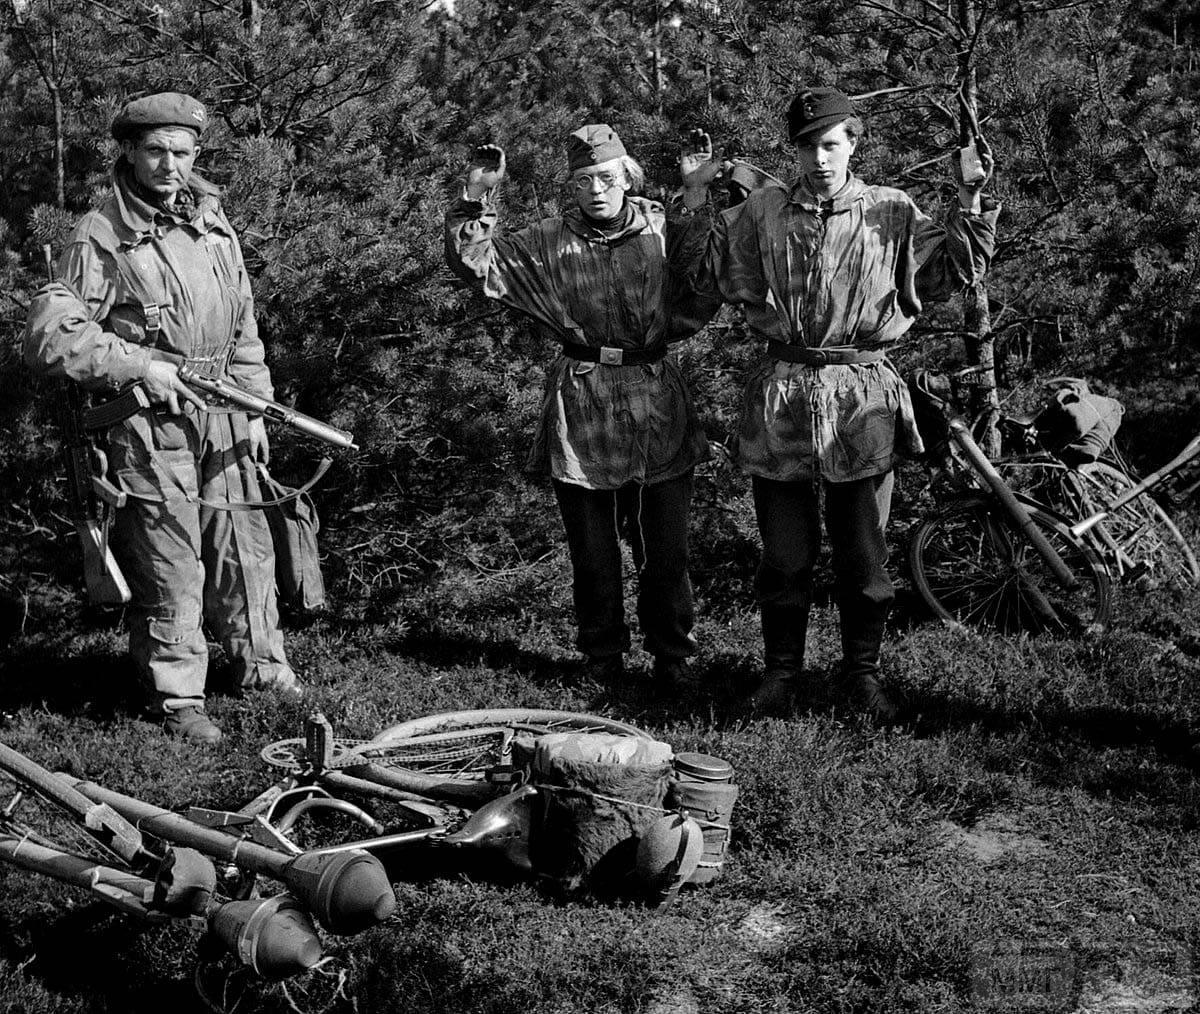 56296 - Ручной противотанковый гранатомет Panzerfaust (Faustpatrone)